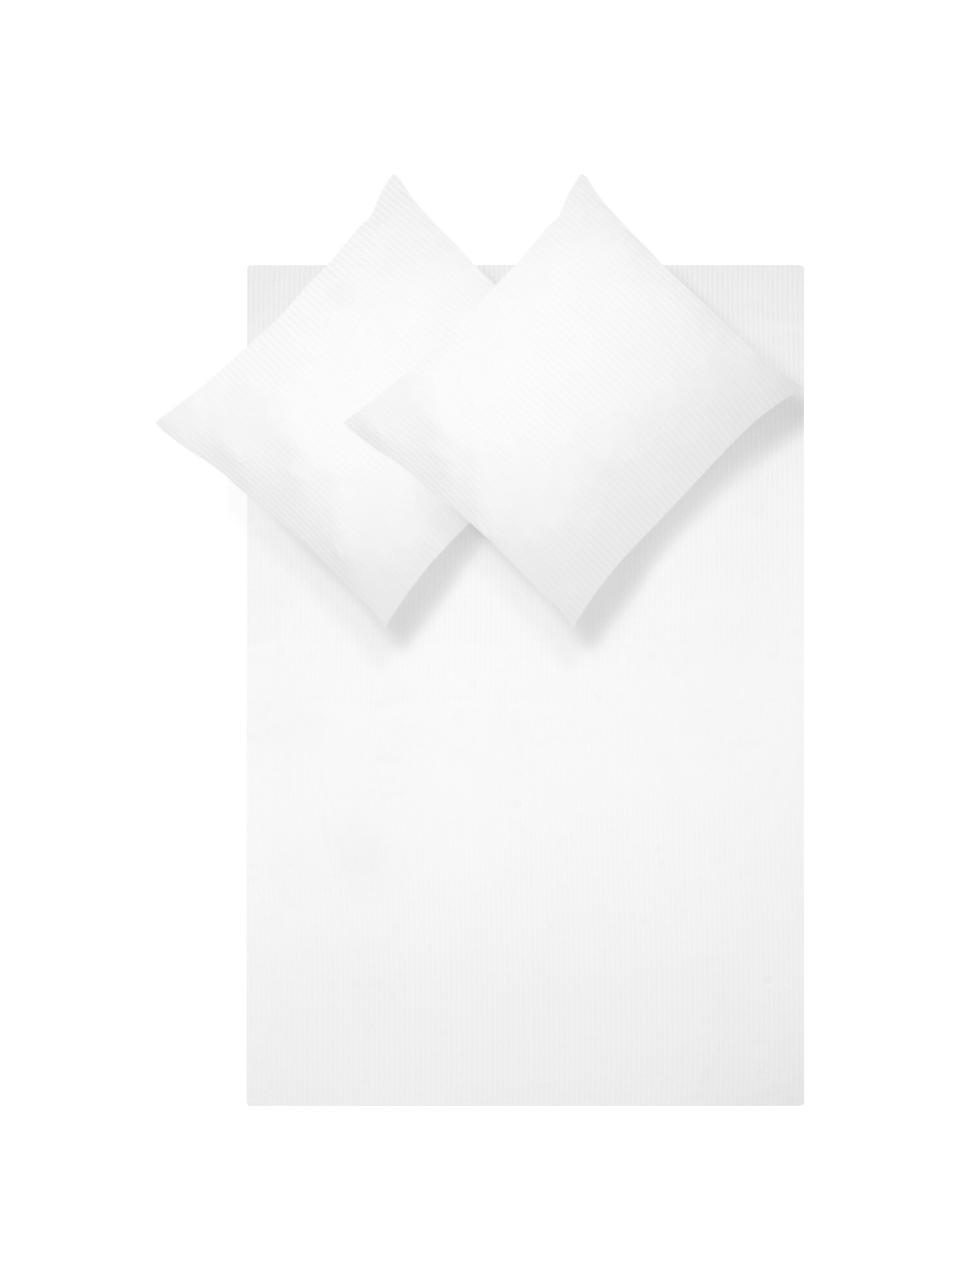 Dekbedovertrek met satijnstrepen Stella, Weeftechniek: satijn Draaddichtheid 250, Wit, 240 x 220 cm + 2 kussen 60 x 70 cm